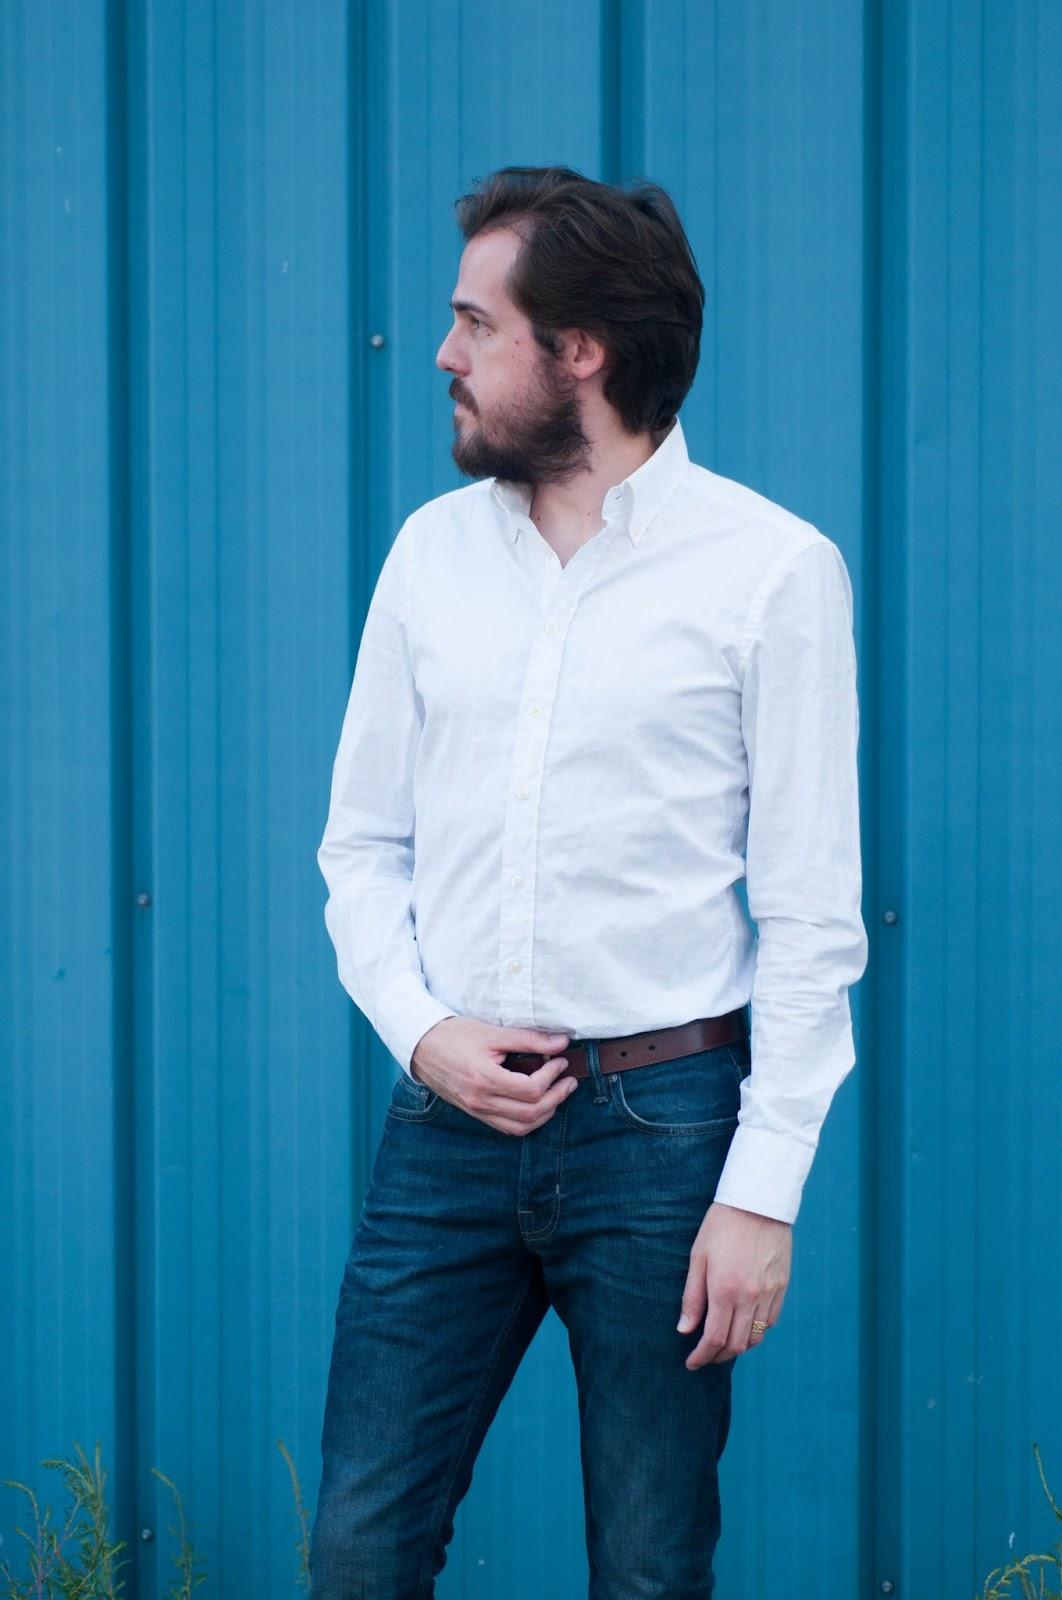 burberry shirt, burberry mens shirt, all saints jeans, all saints cigarette jeans, mens style